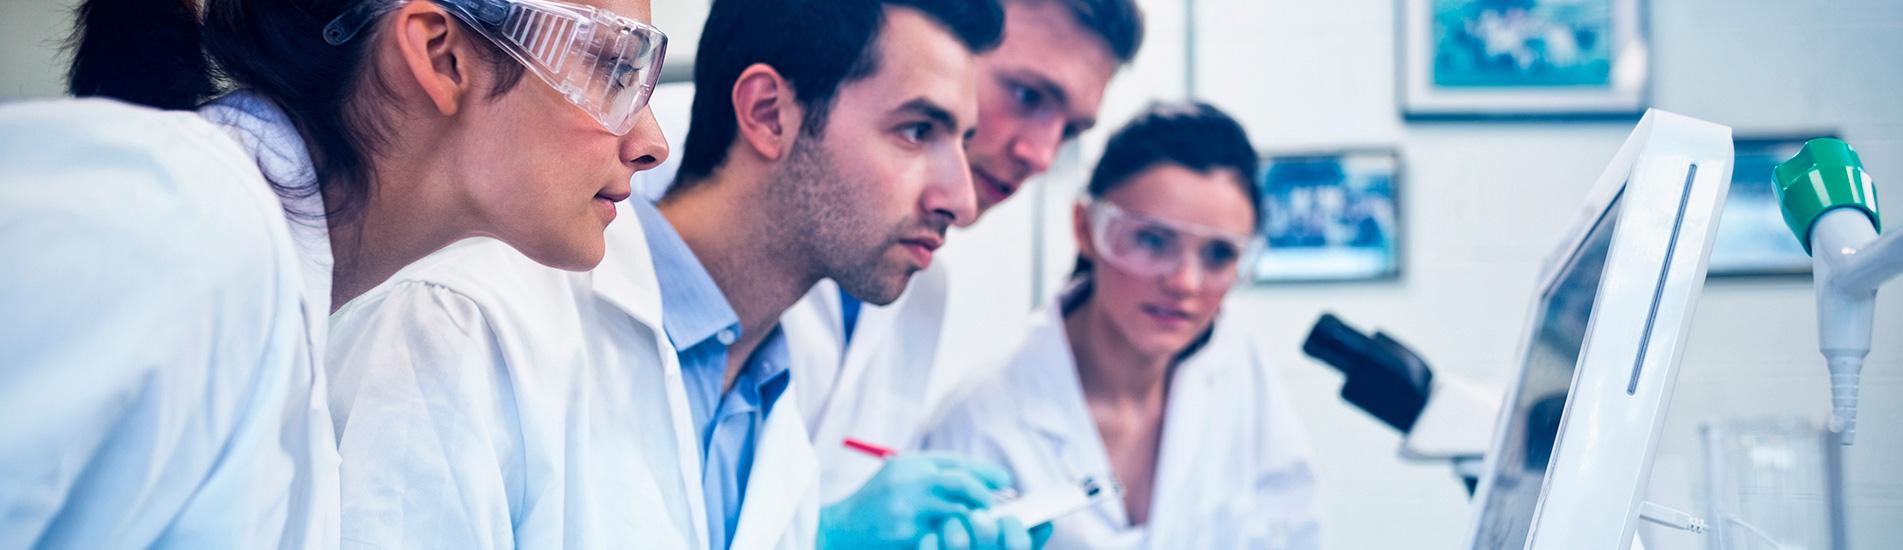 Quais são as expectativas dos pacientes no período Pós-Pandemia?